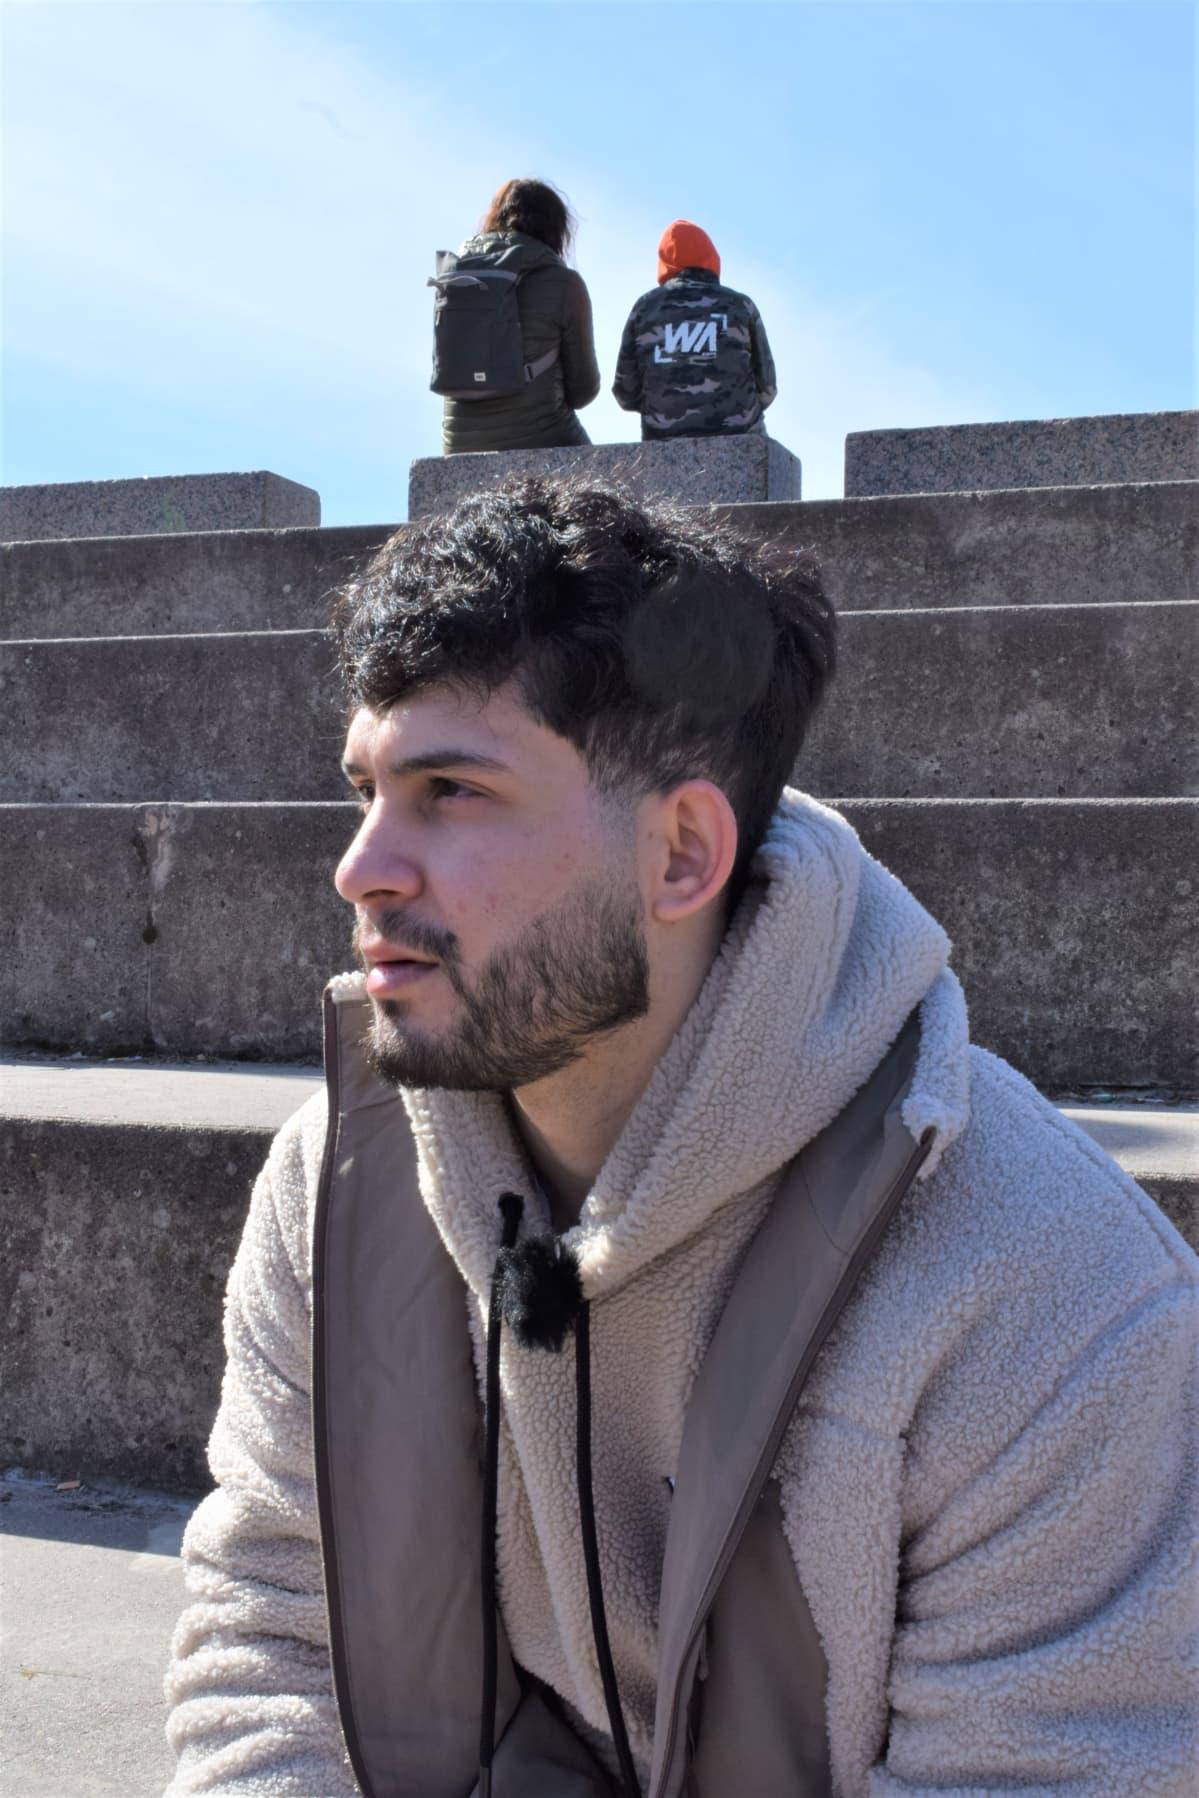 – Olen toiveikas, että saan töitä. Täytyy vain oppia suomen kieltä lisää. Rekaut Aziz, 22, on asiakkaana työllisyyskokeilussa Helsingissä.